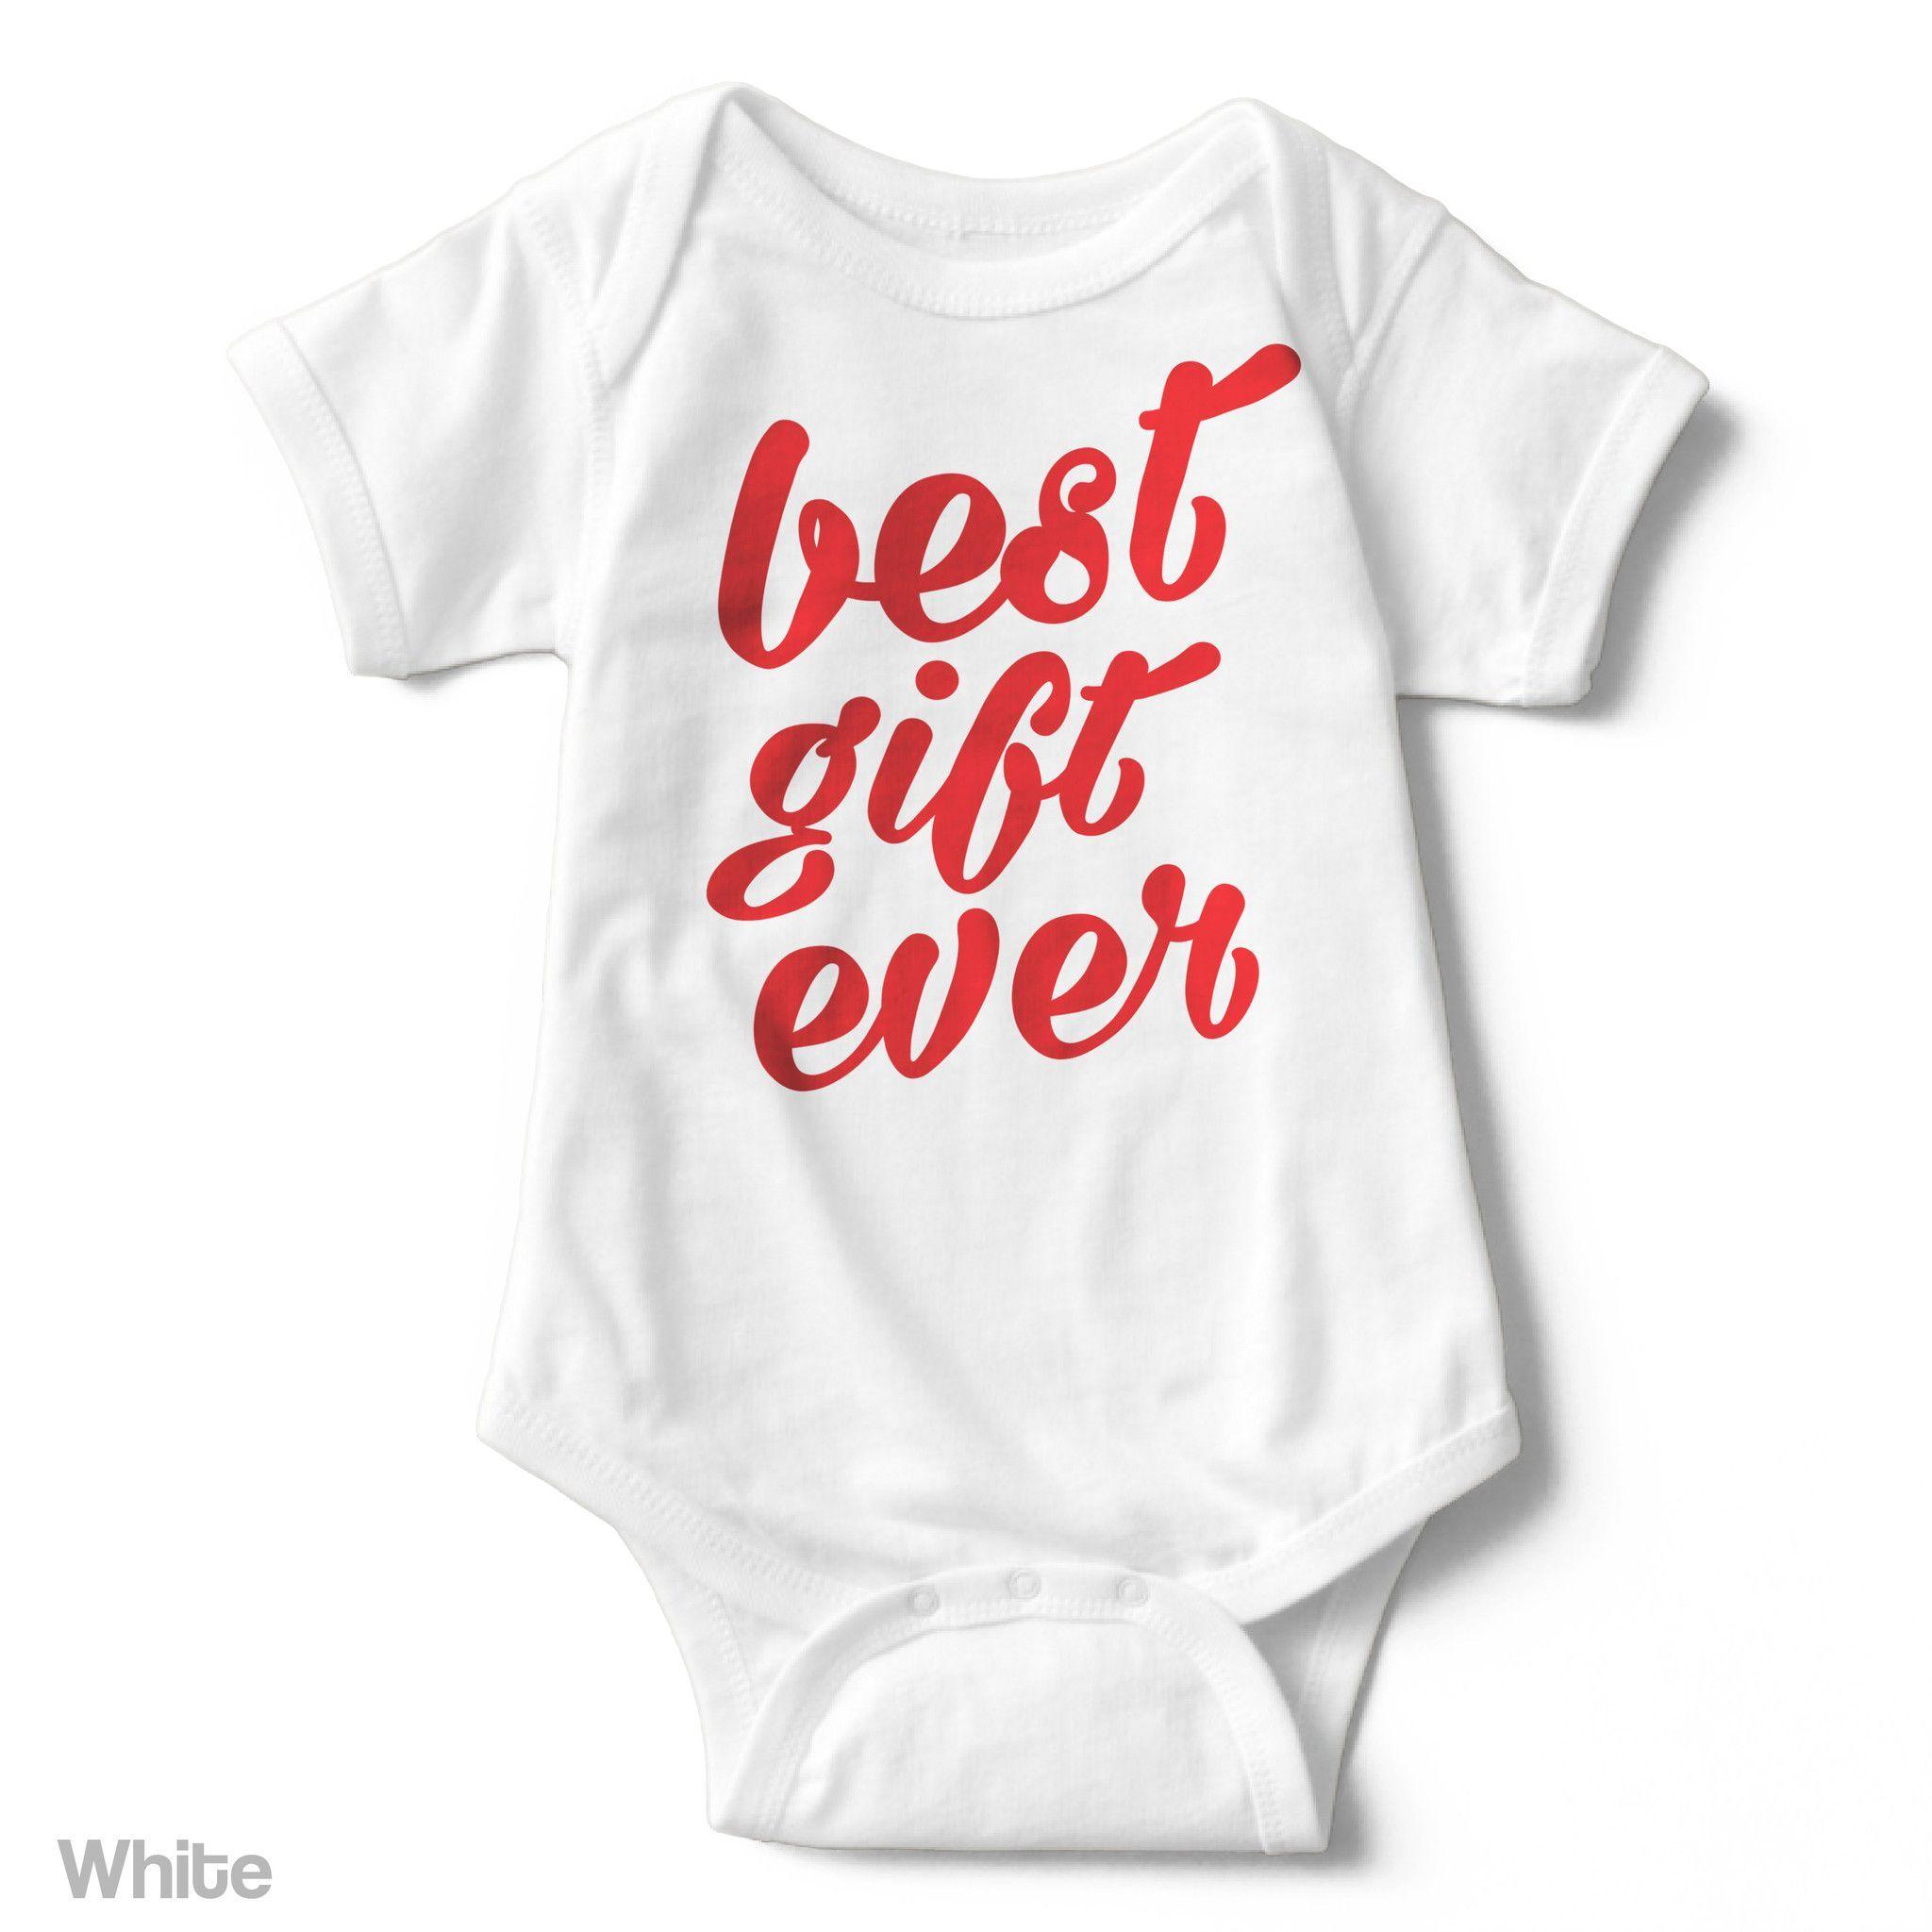 Best Gift Ever - Short Sleeve Infant Creeper